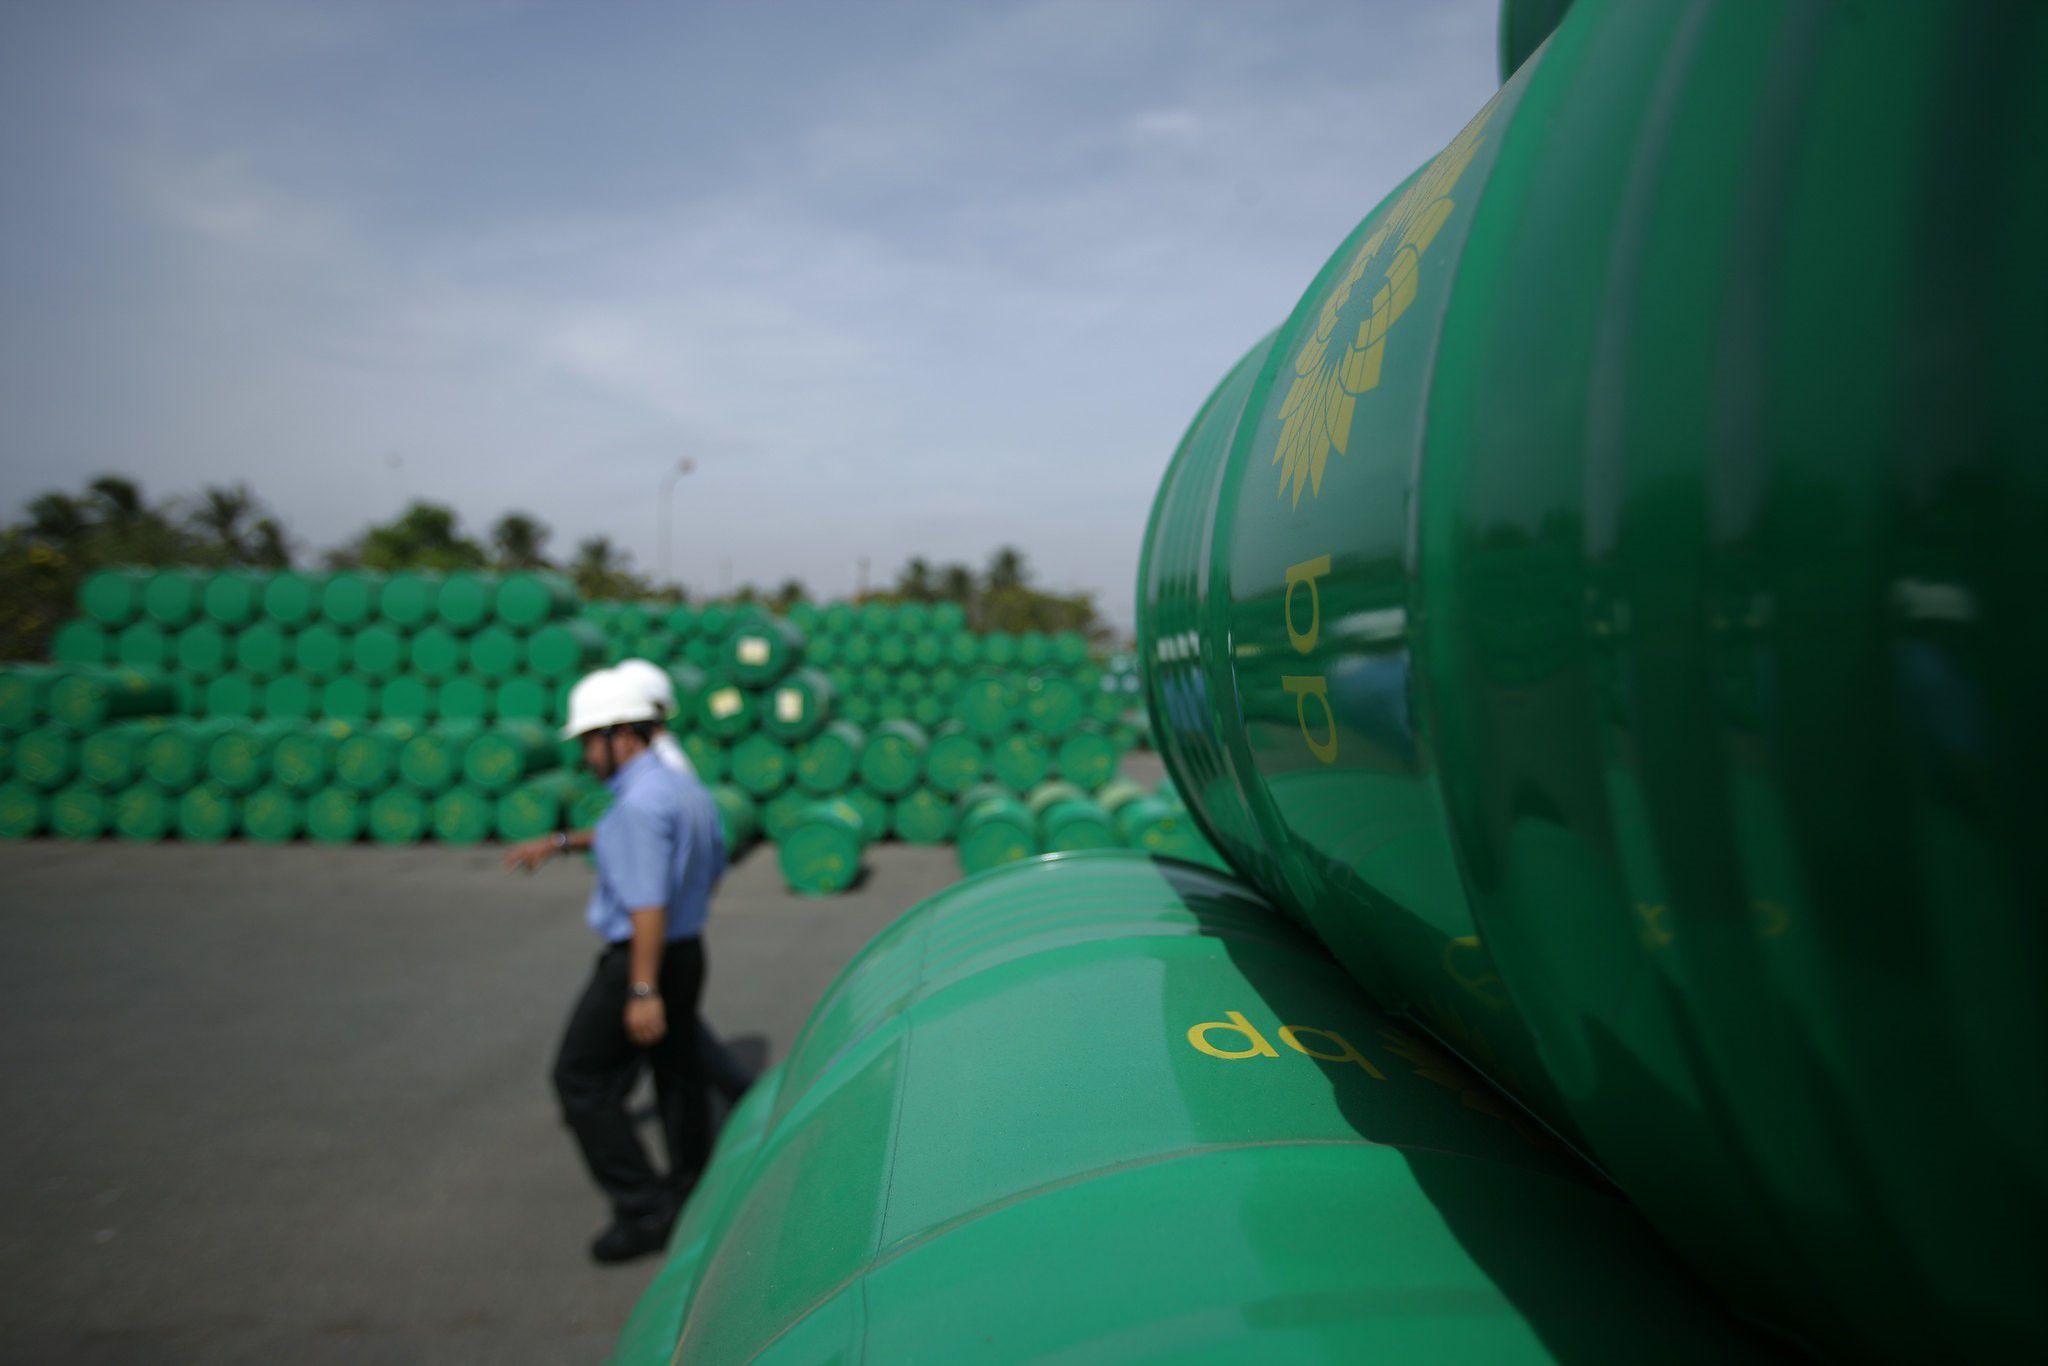 08/06/2020 Almacén de productos de la petrolera BP en Vietnam ECONOMIA BP